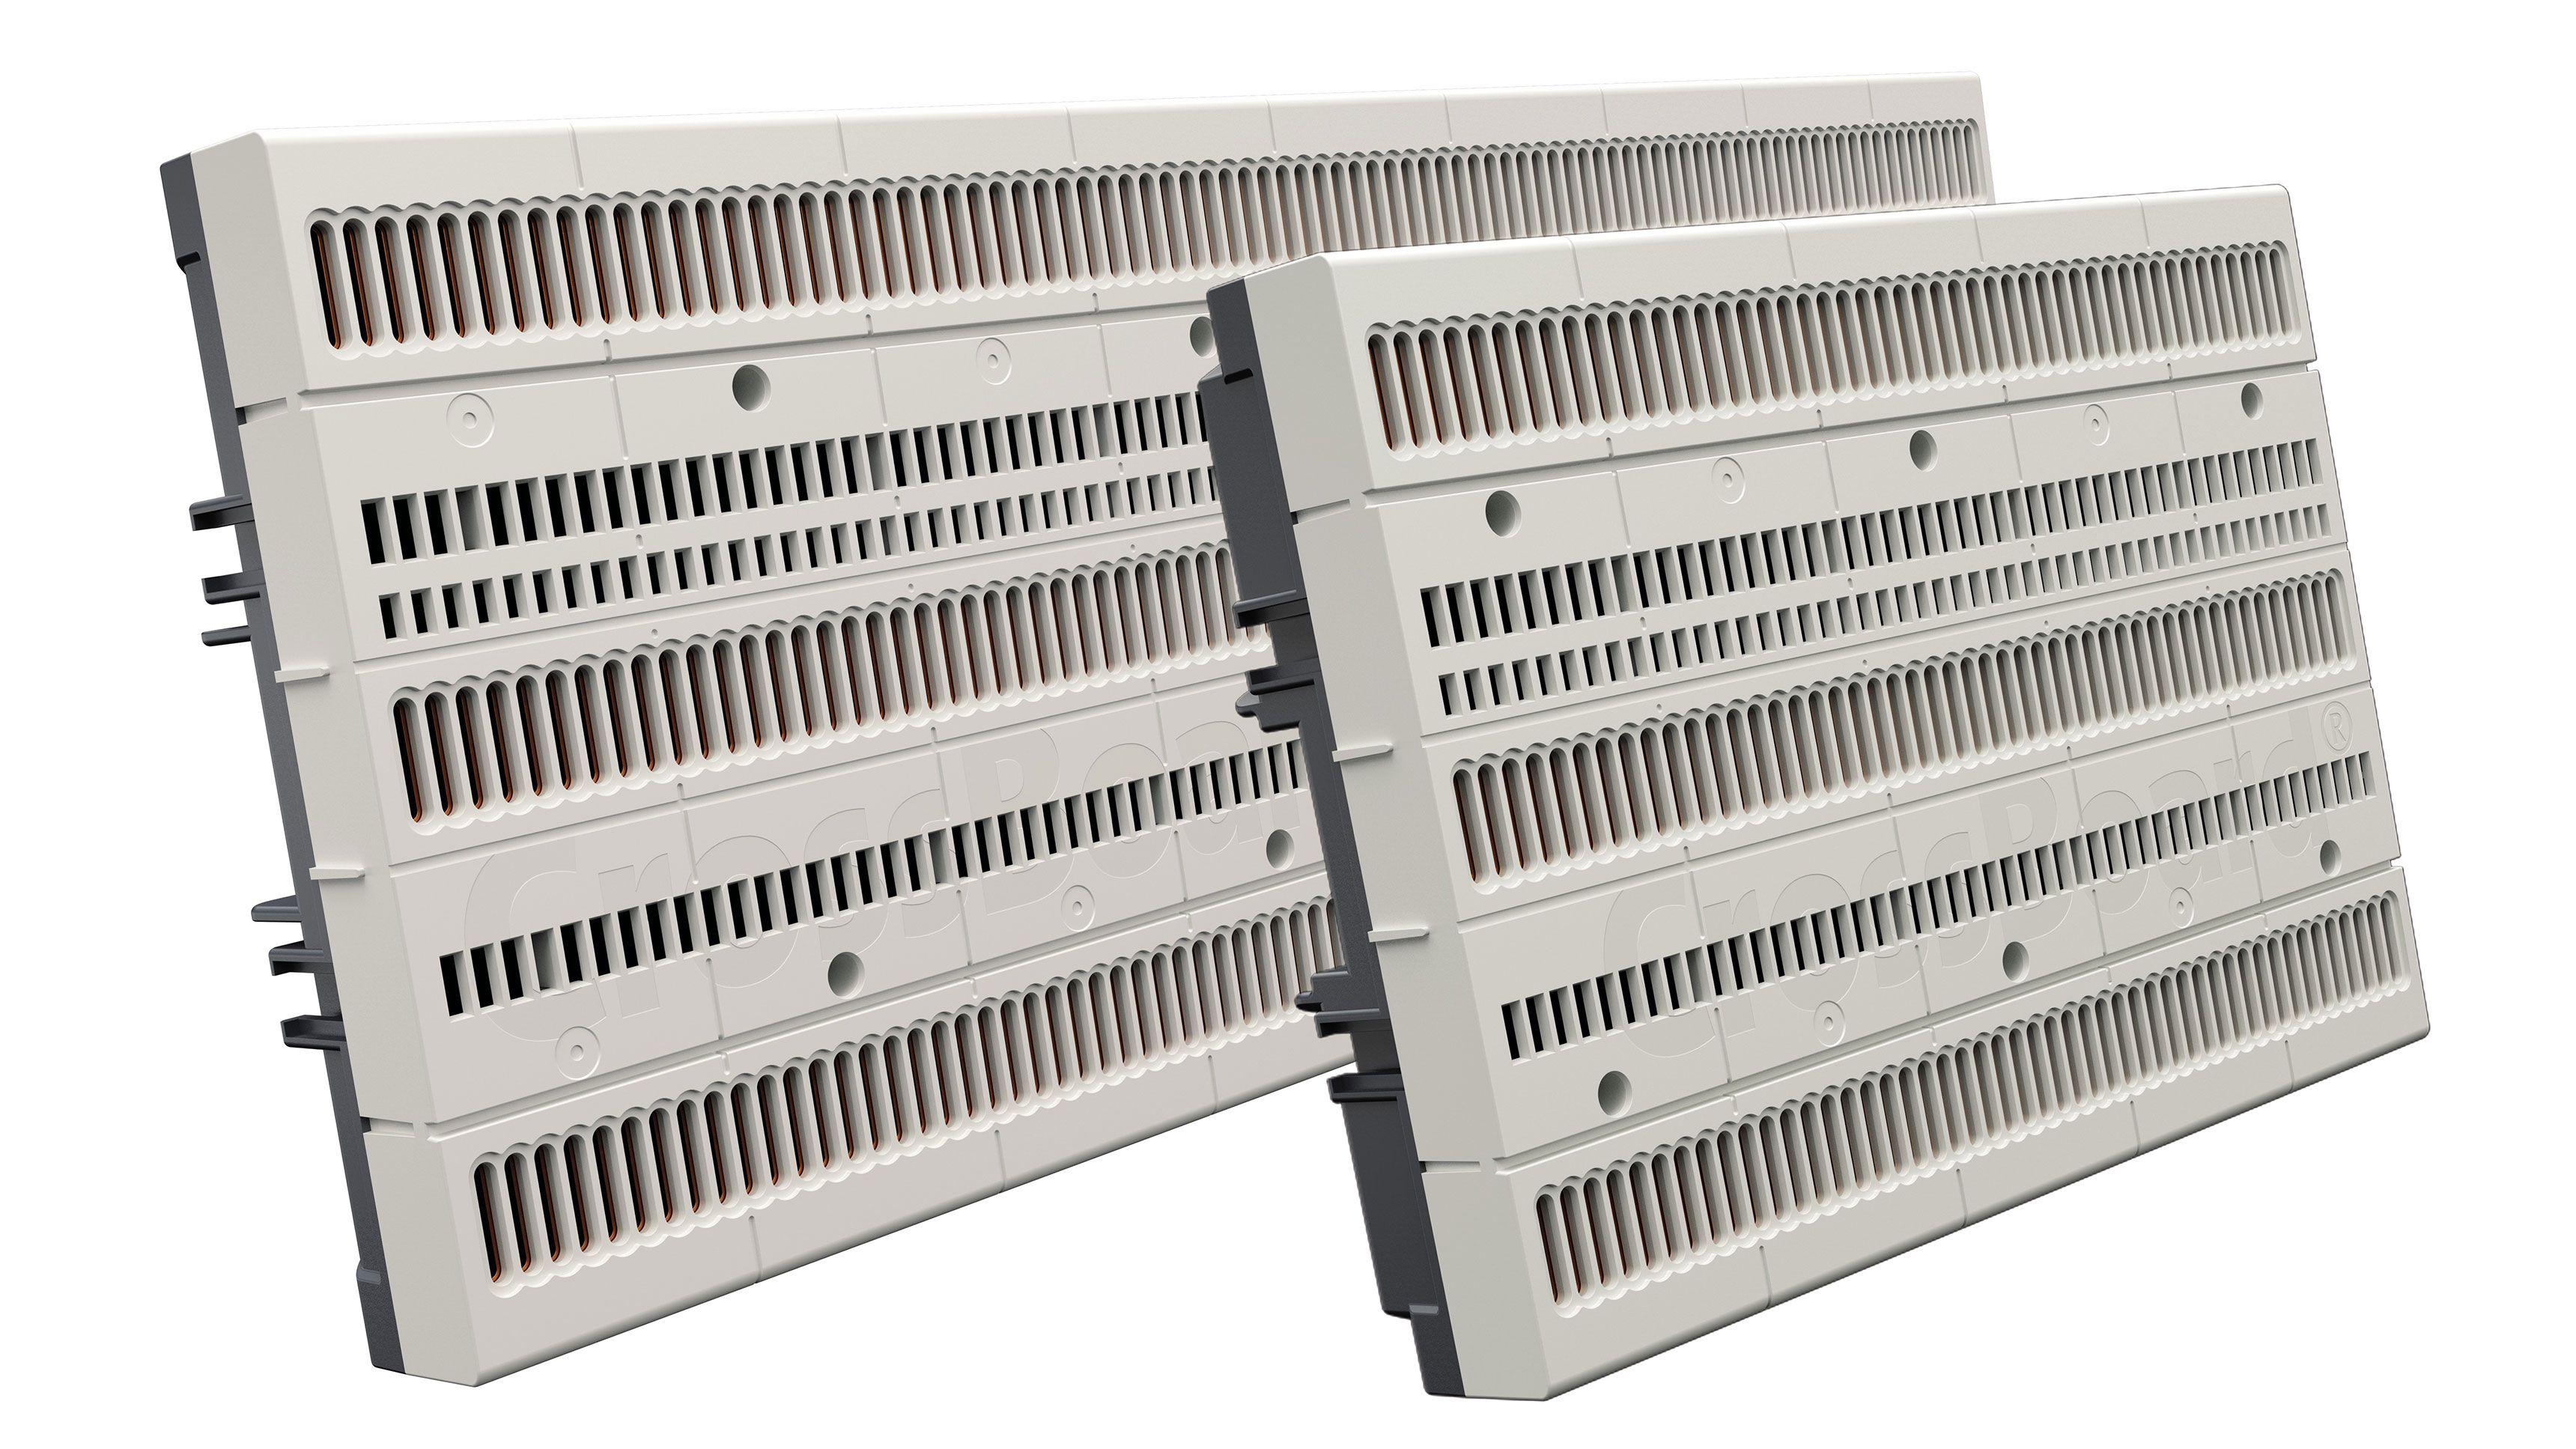 Diseño de sistemas de montaje de arrancadores UL/IEC a través del software MCS star